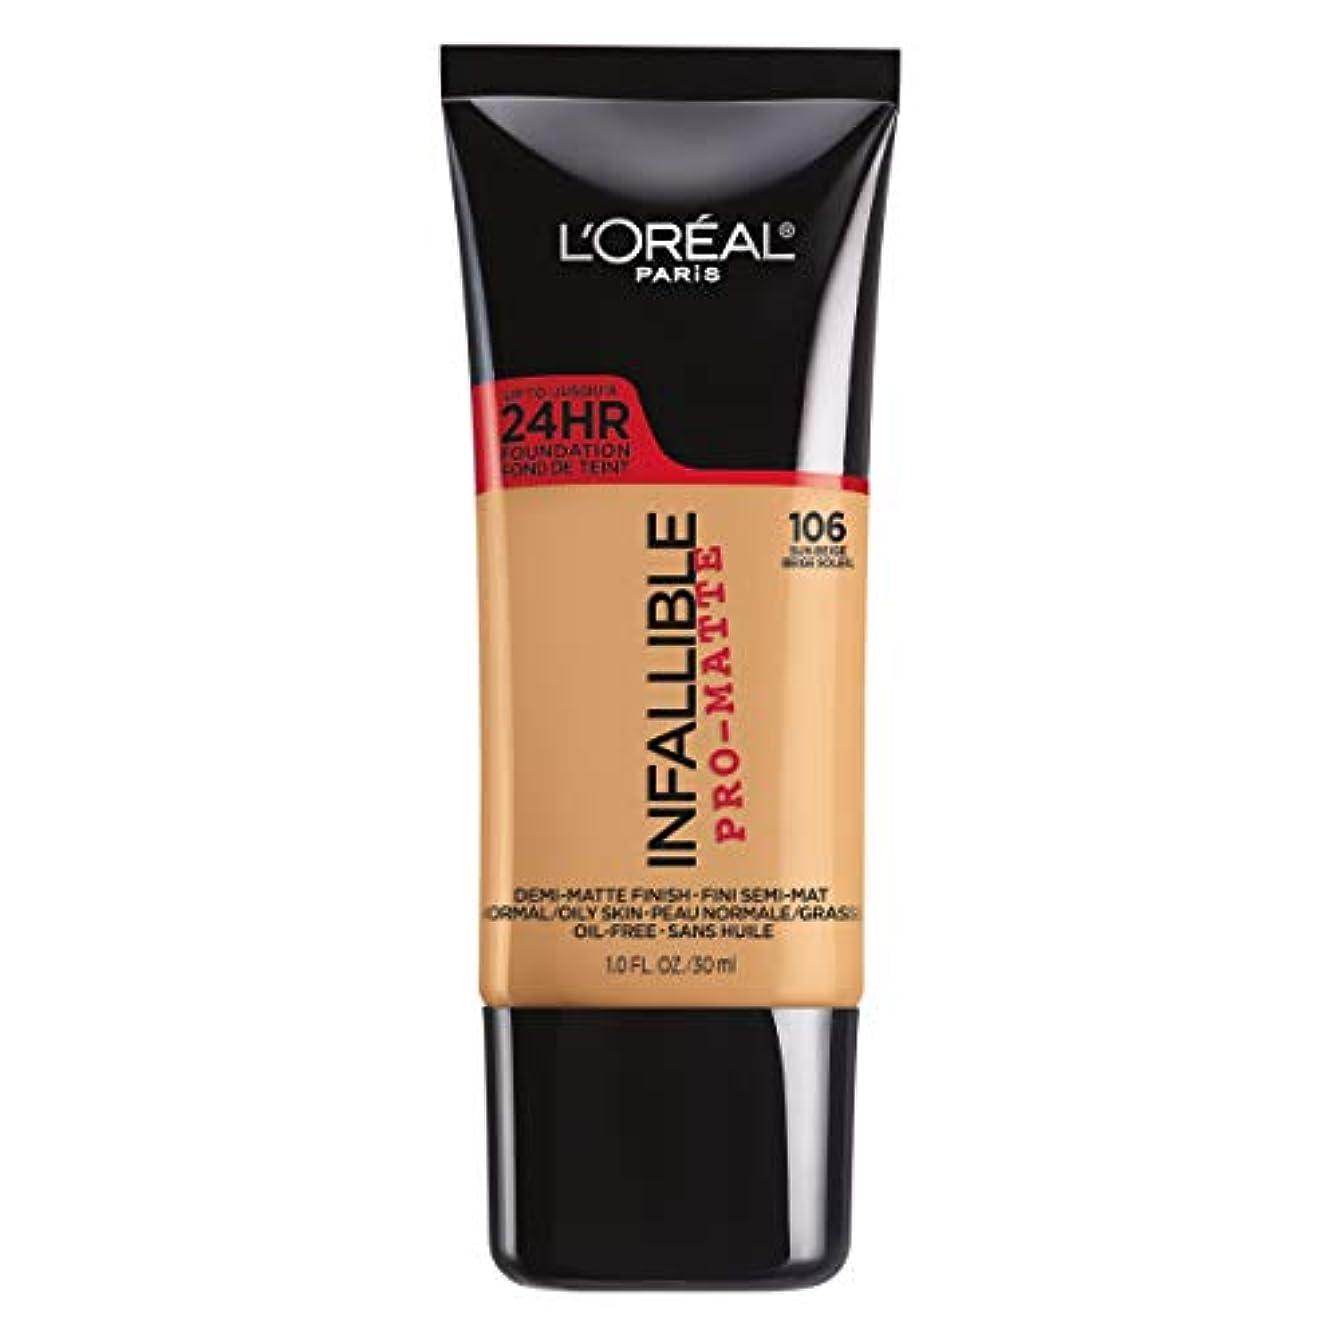 残り国歌フロントL'Oreal Paris Infallible Pro-Matte Foundation Makeup, 106 Sun Beige, 1 fl. oz[並行輸入品]